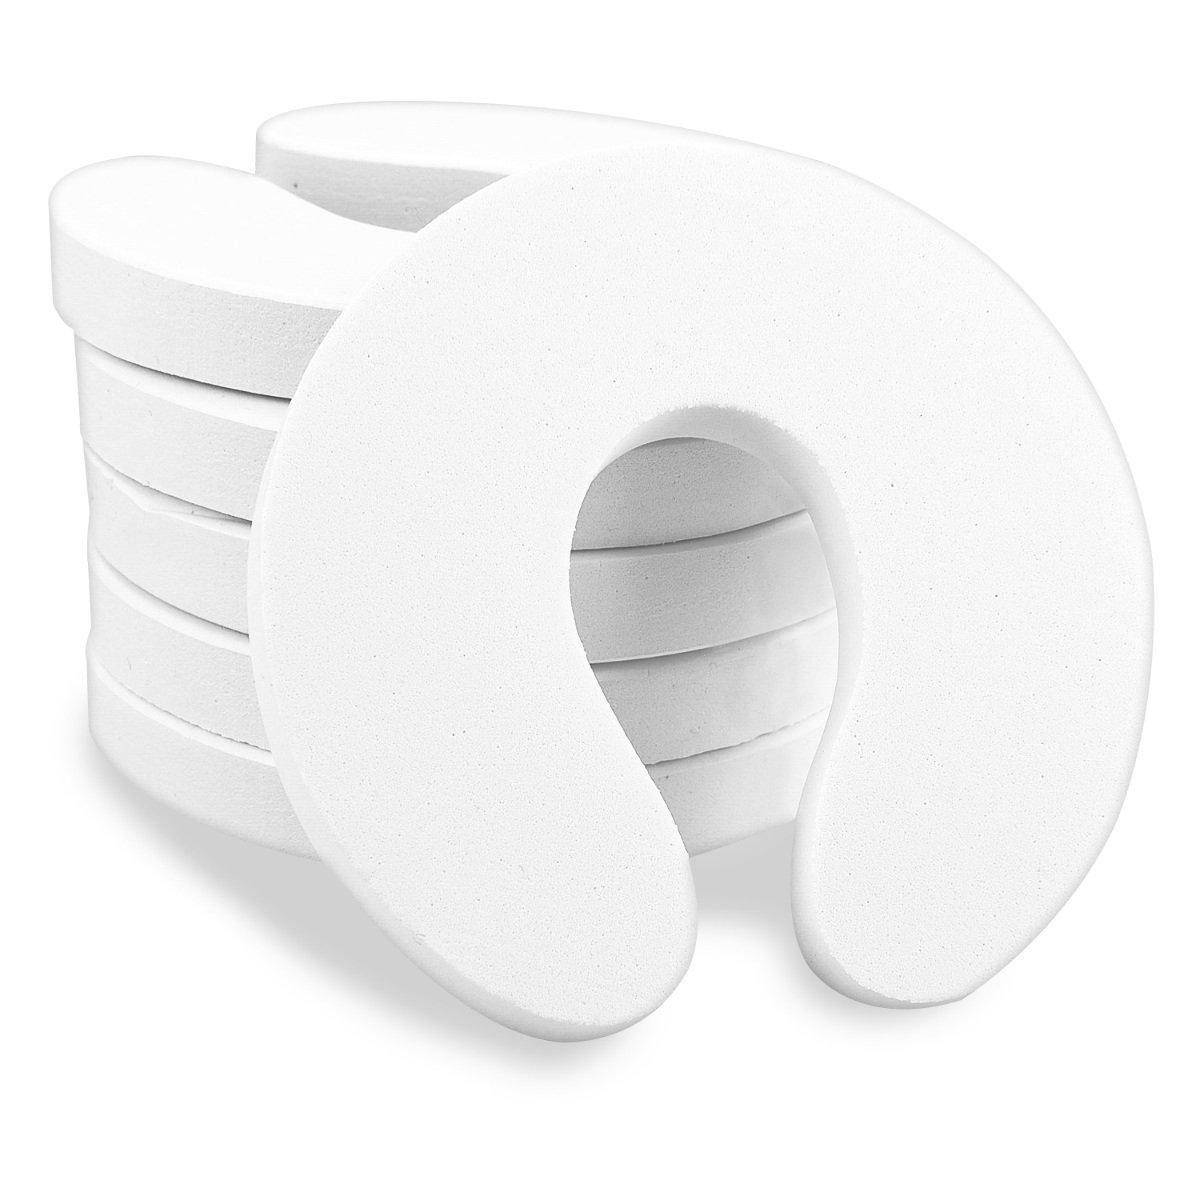 Navaris 6x Finger Klemmschutz für Tür Fenster - Schaumstoff Baby Schutz Kindersicherung - Kinder Sicherung Fingerklemmschutz - Set in Weiß KW-Commerce 42865_m000486